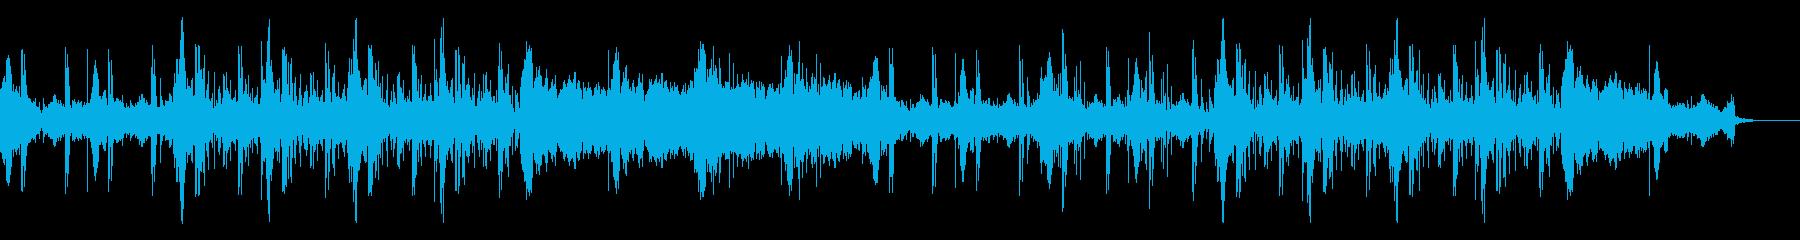 ホラー映画サスペンスドラマ怪談番組に最適の再生済みの波形